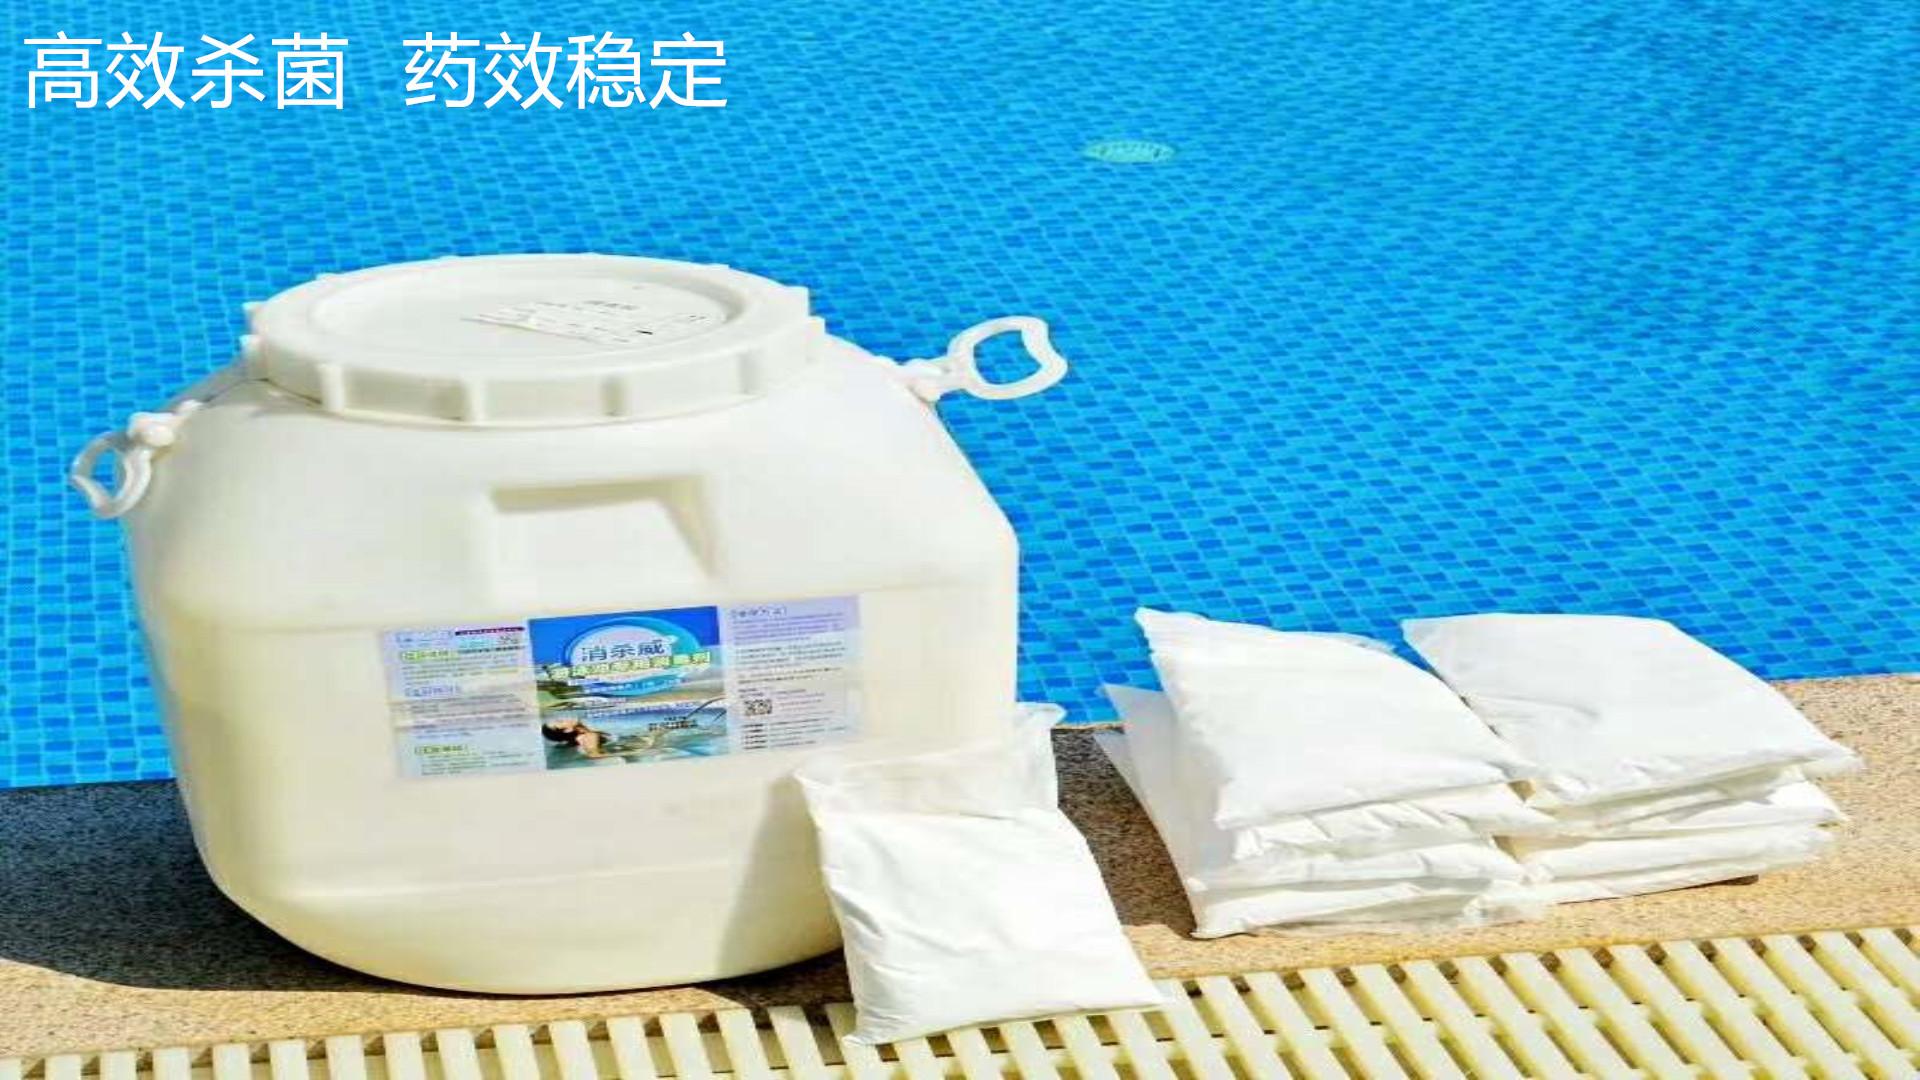 郑州森元水处理设备有限公司